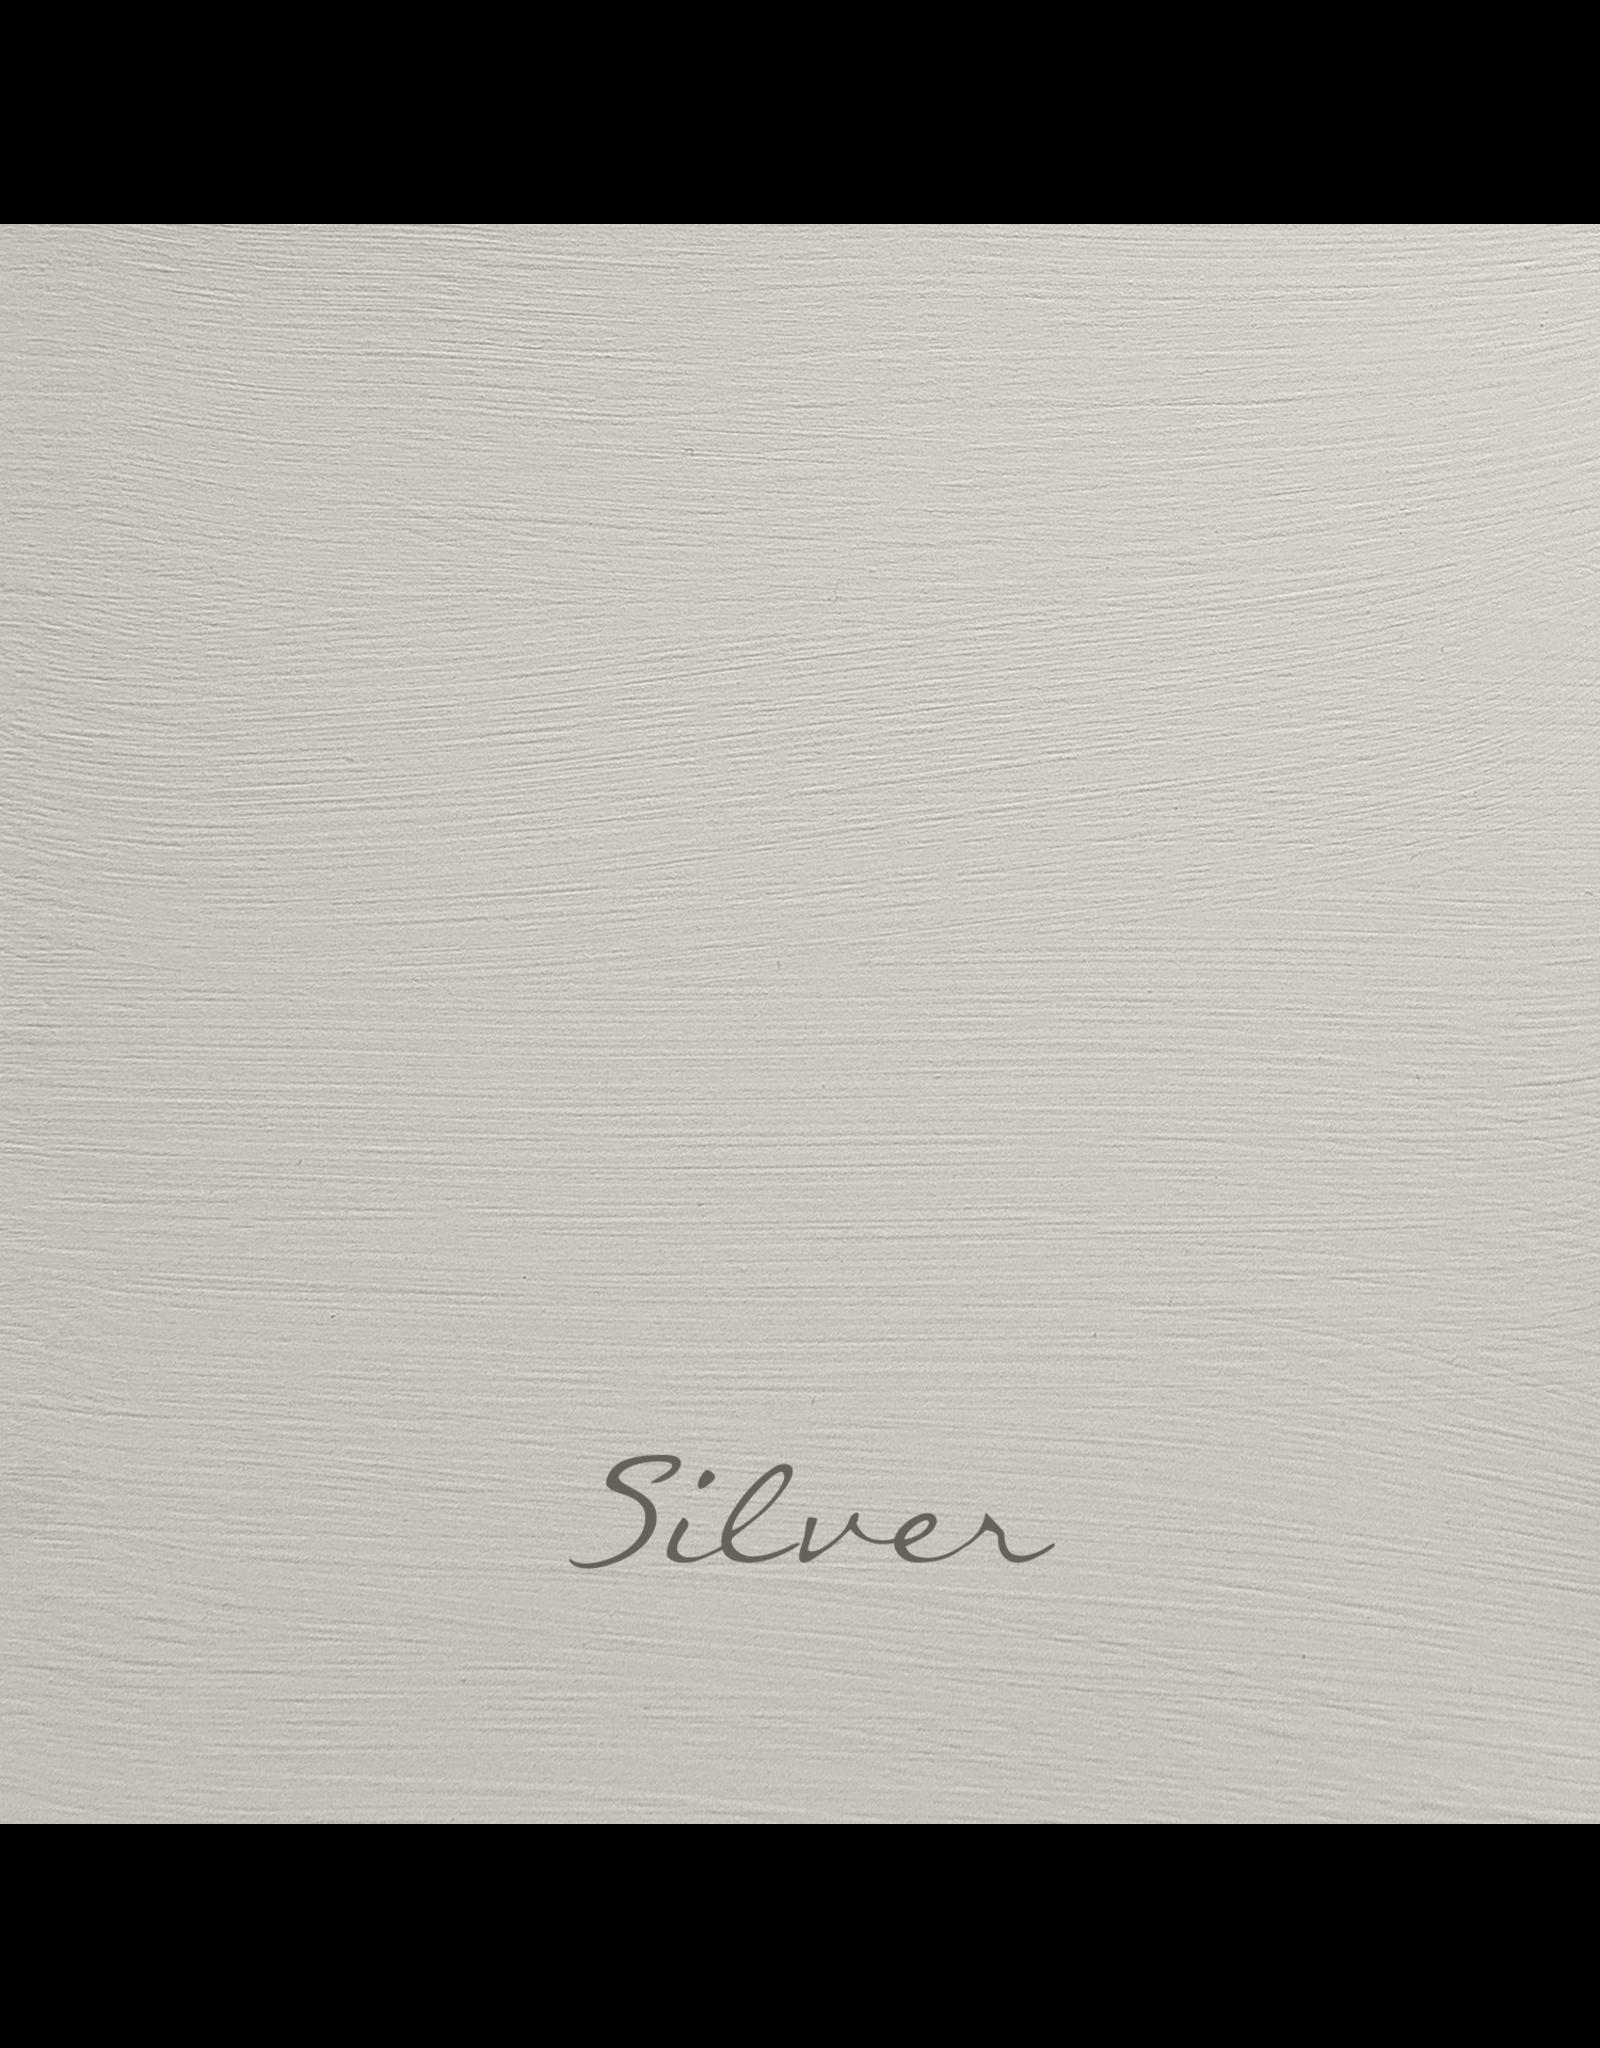 Autentico Paint Autentico Paint: Silver